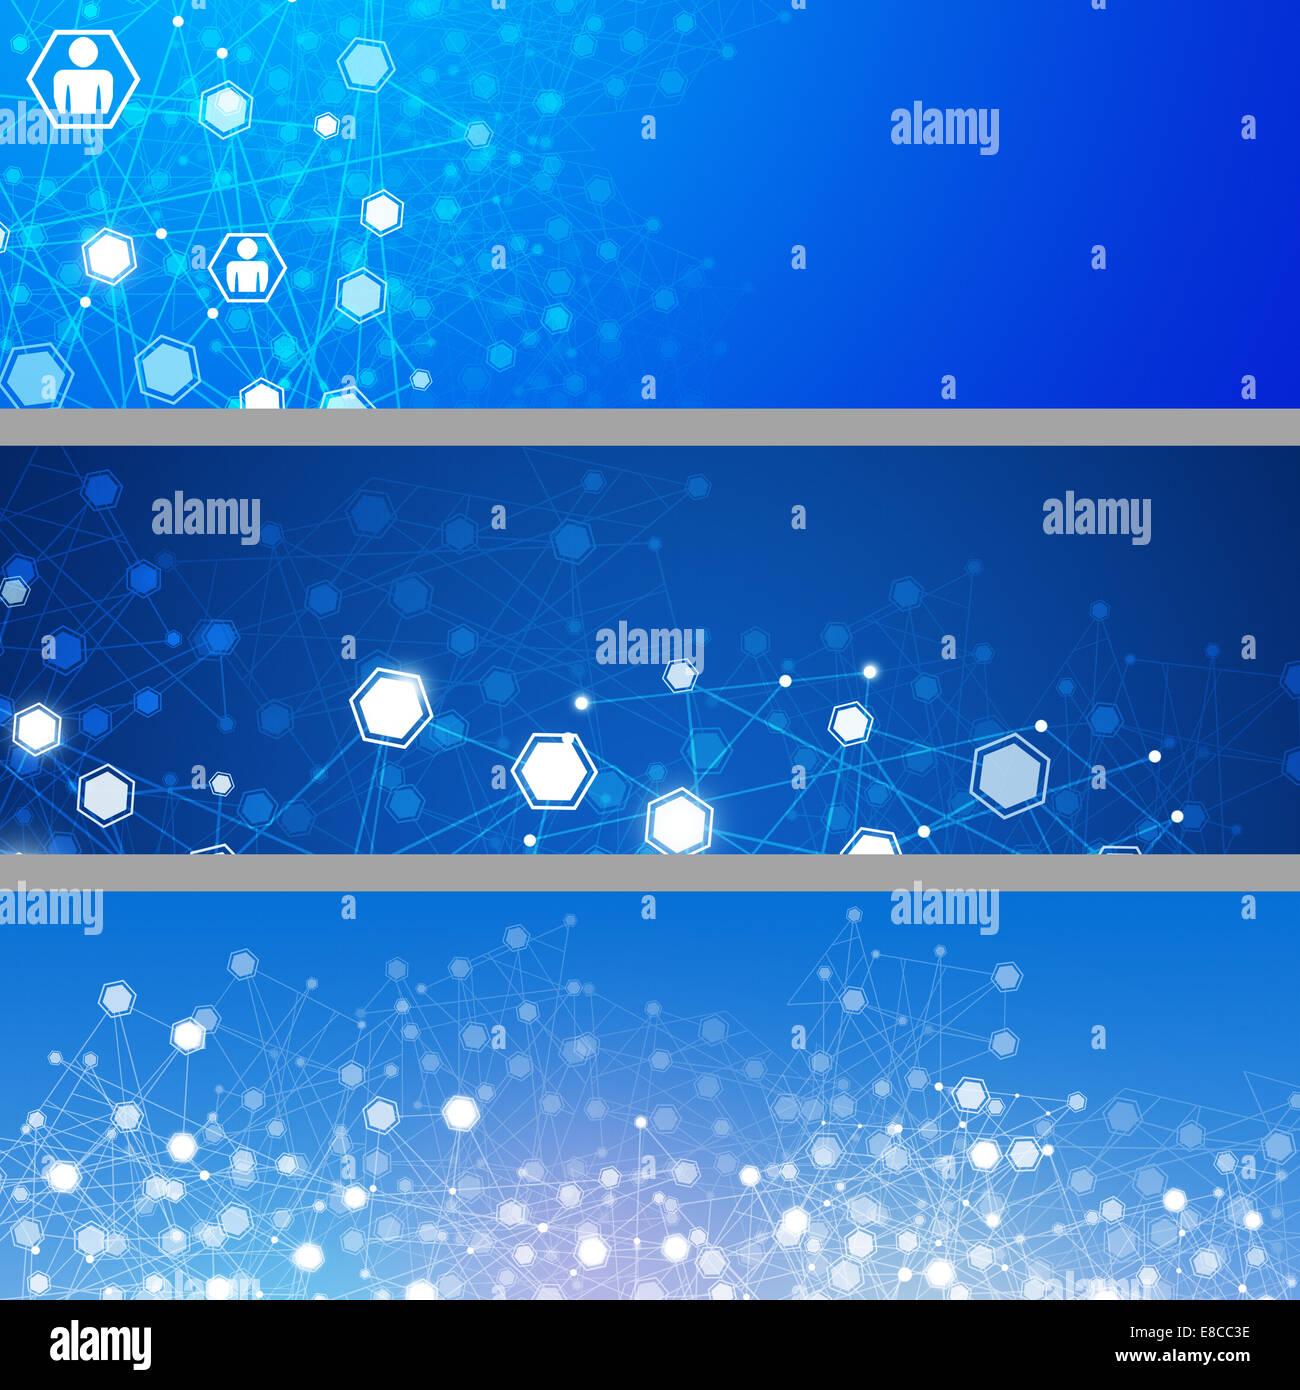 Technologie concept abstrait géométrique des bannières réseau connexions Photo Stock